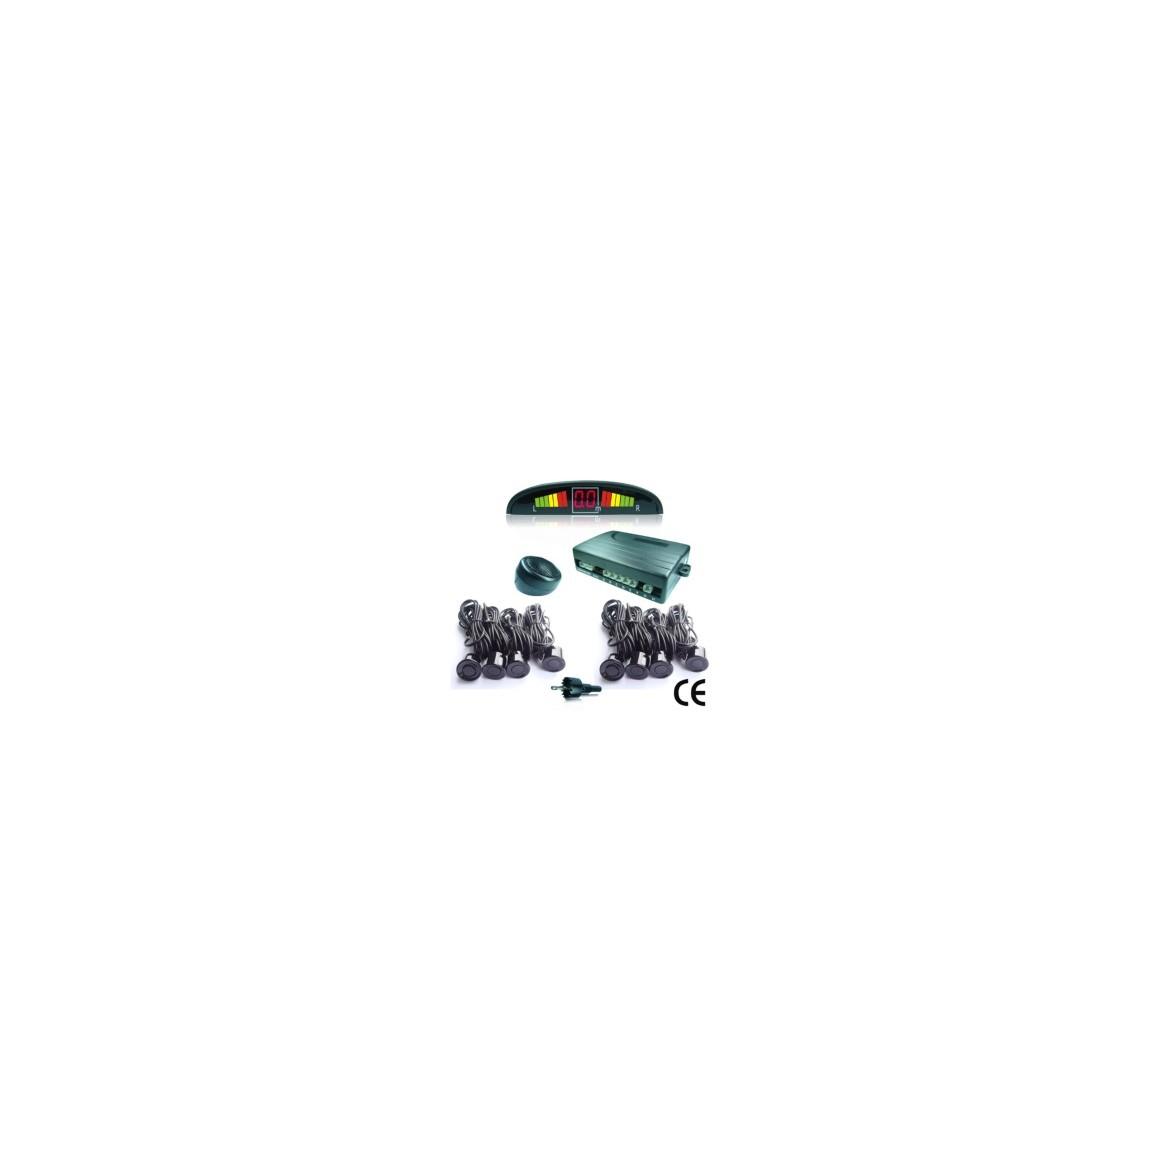 Parkplatz Radar 8 Sensoren - mit Display schwarz